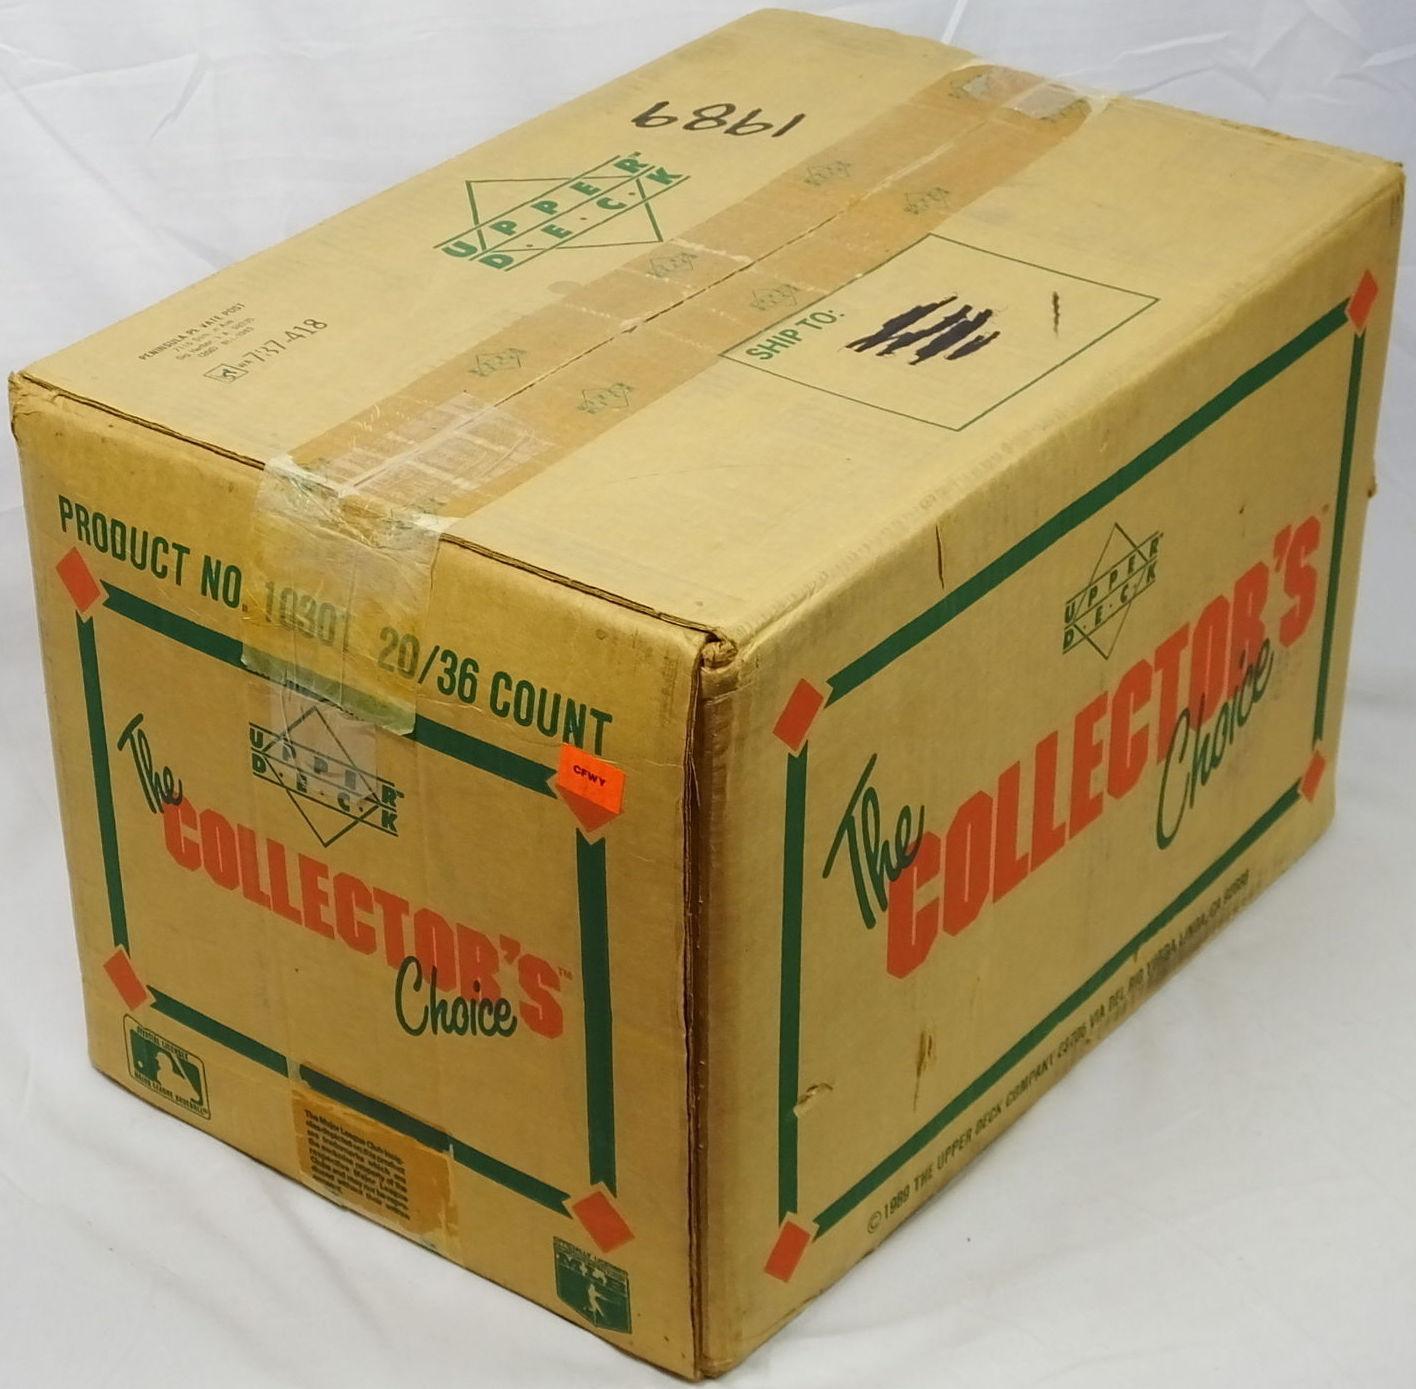 1989 Upper Deck Baseball Cards Unopened Case